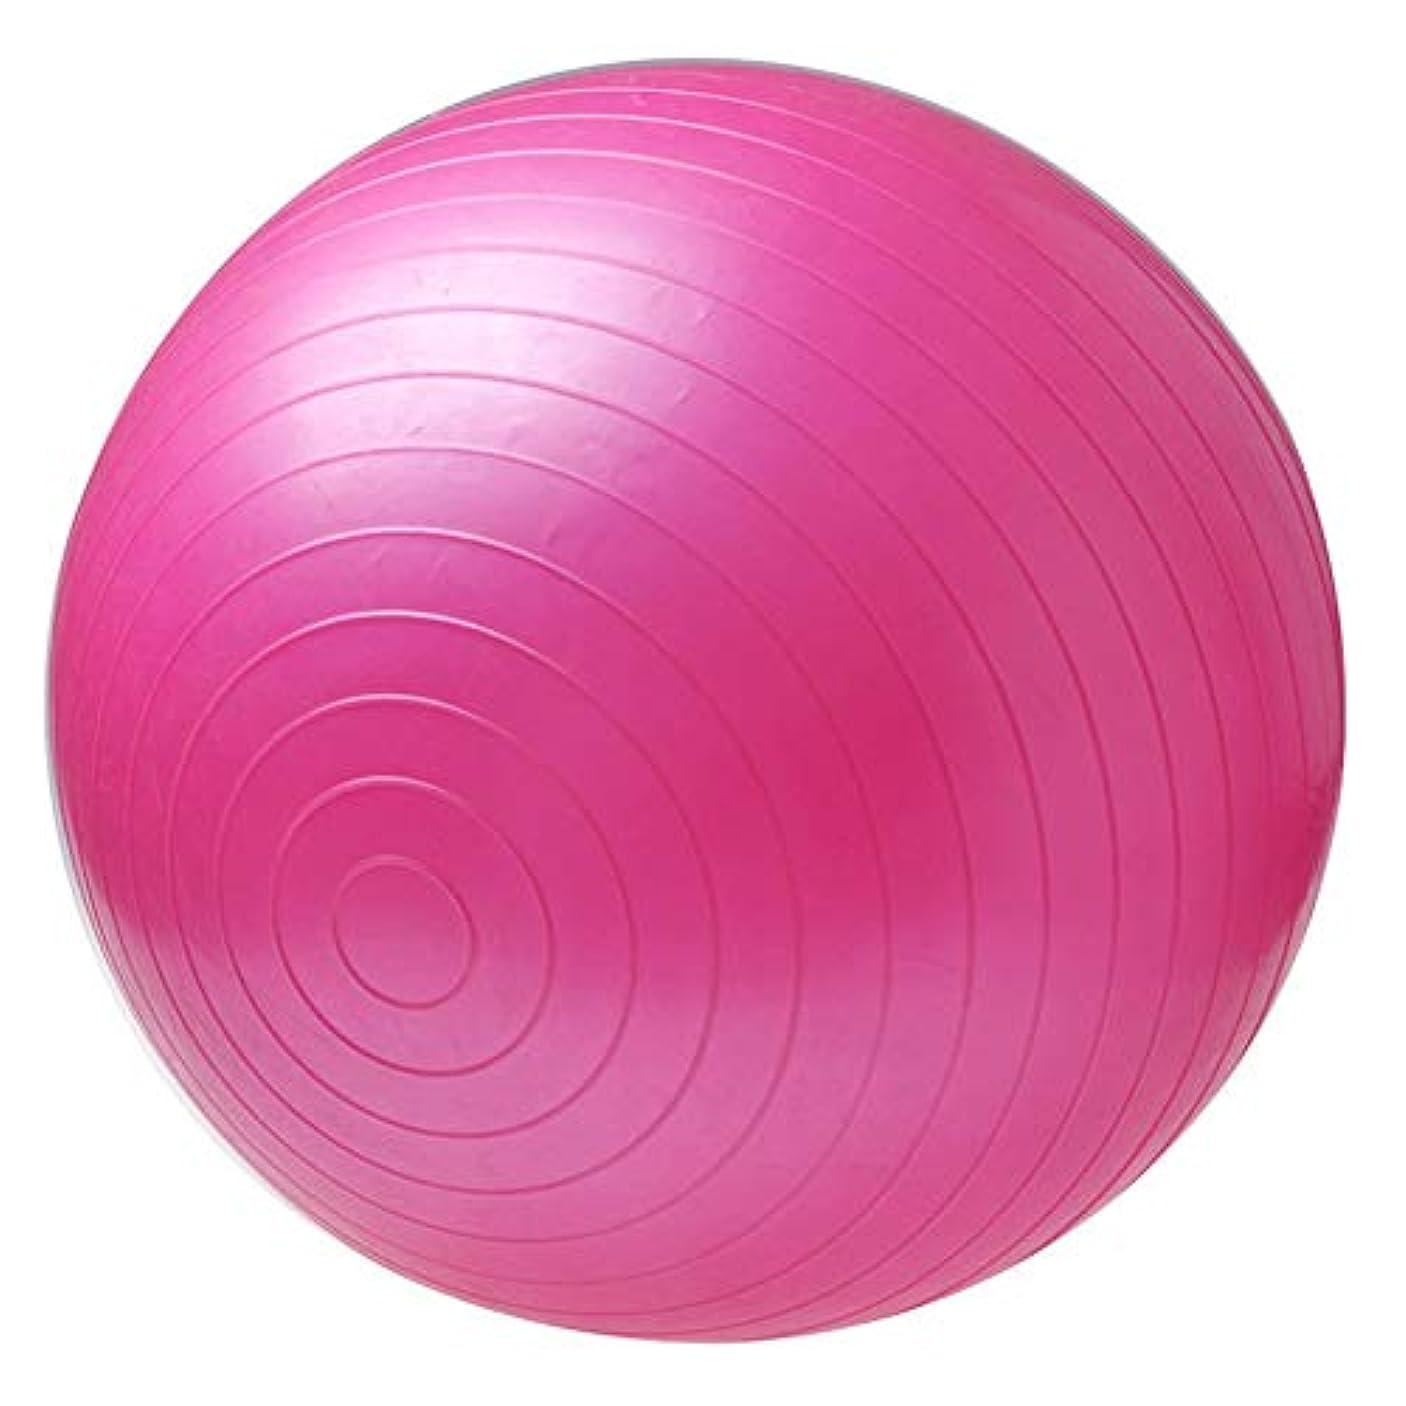 タイマークレーター用量非毒性スポーツヨガボールボラピラティスフィットネスジムバランスフィットボールエクササイズピラティスワークアウトマッサージボール - ピンク75センチ